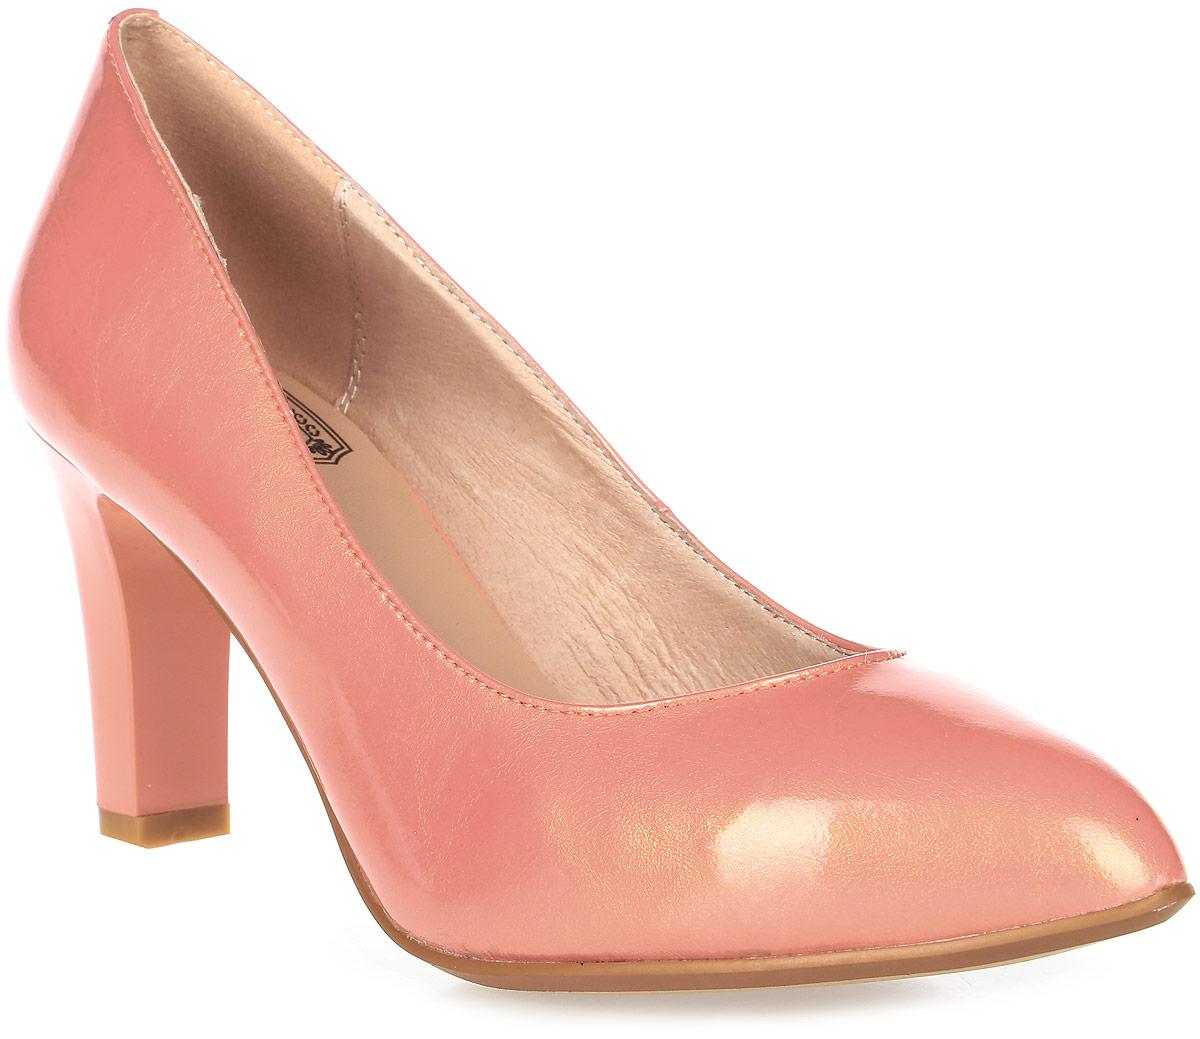 Туфли женские Palazzo Doro, цвет: розовый. S7E10-01-04. Размер 38S7E10-01-04Модные женские туфли от Palazzo Doro заинтересуют вас своим дизайном.Модель выполнена из высококачественной натуральной кожи. Зауженный носок смотрится стильно. Подкладка и стелька из натуральной кожи обеспечивают комфорт при движении.Подошва дополнена противоскользящим рифлением.Роскошные туфли помогут вам создать элегантный образ.